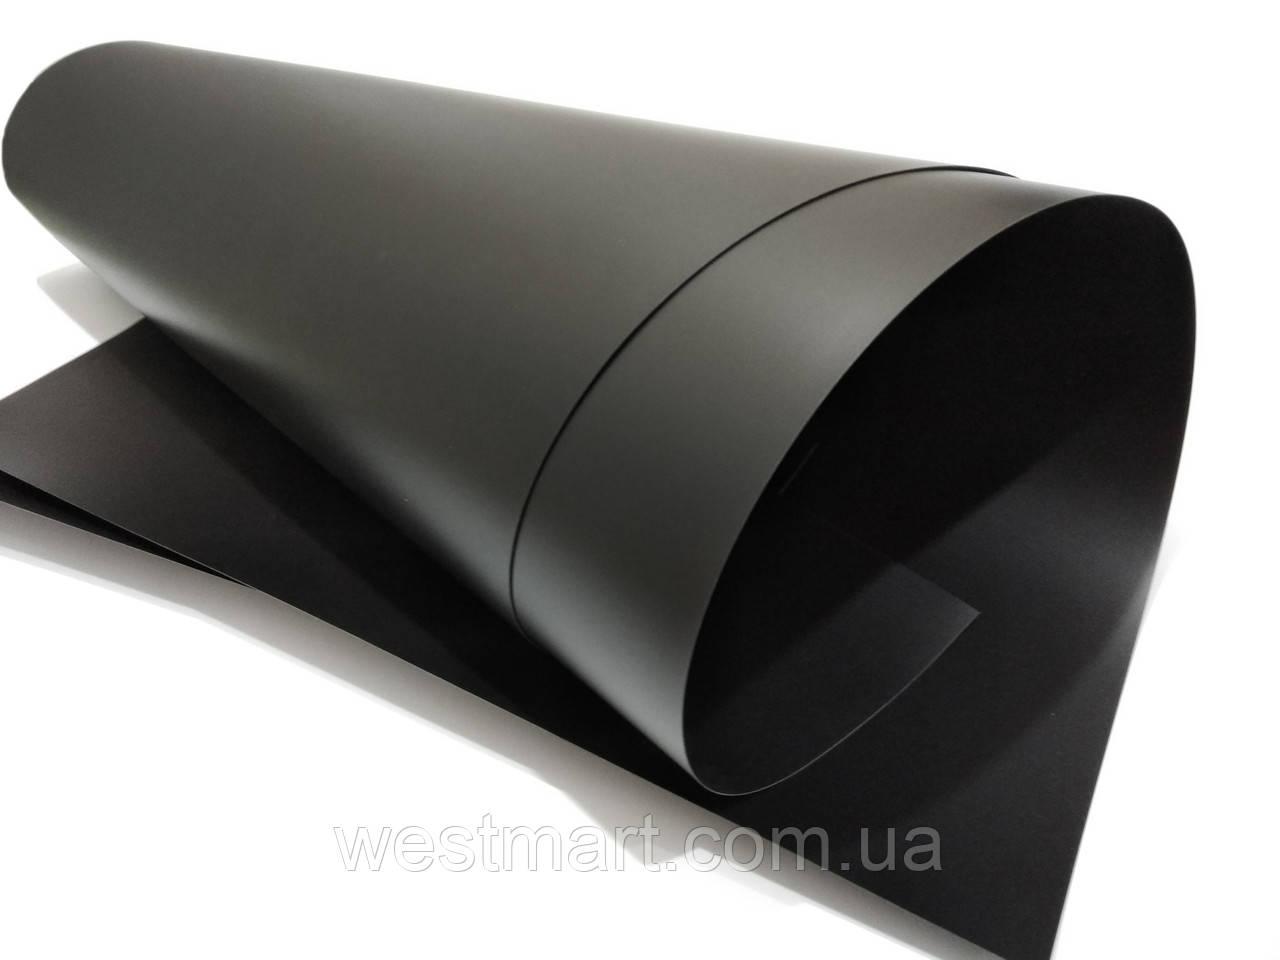 Полипропилен черный 0,3 мм матовый 700х1000мм